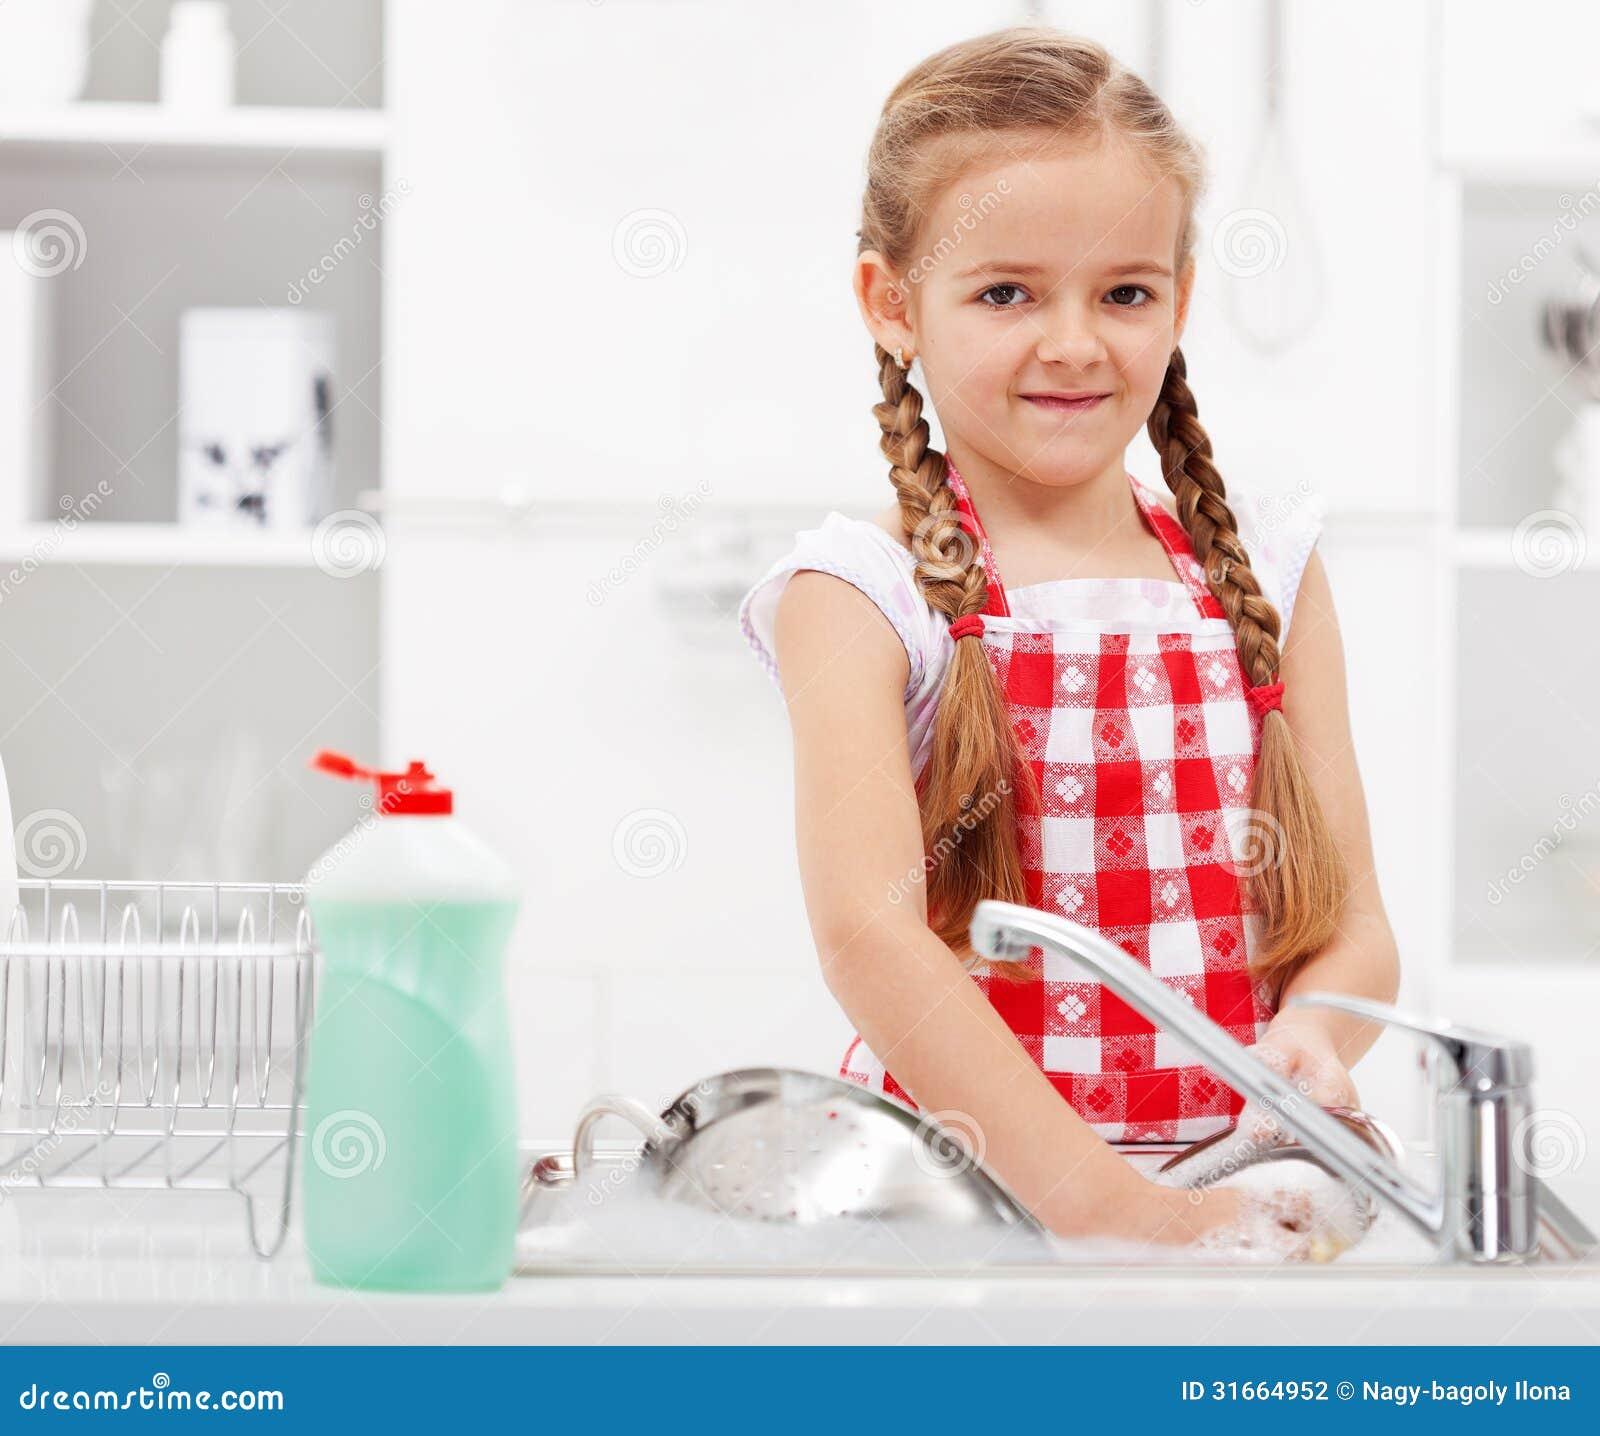 Małej dziewczynki domycia naczynia w kuchni